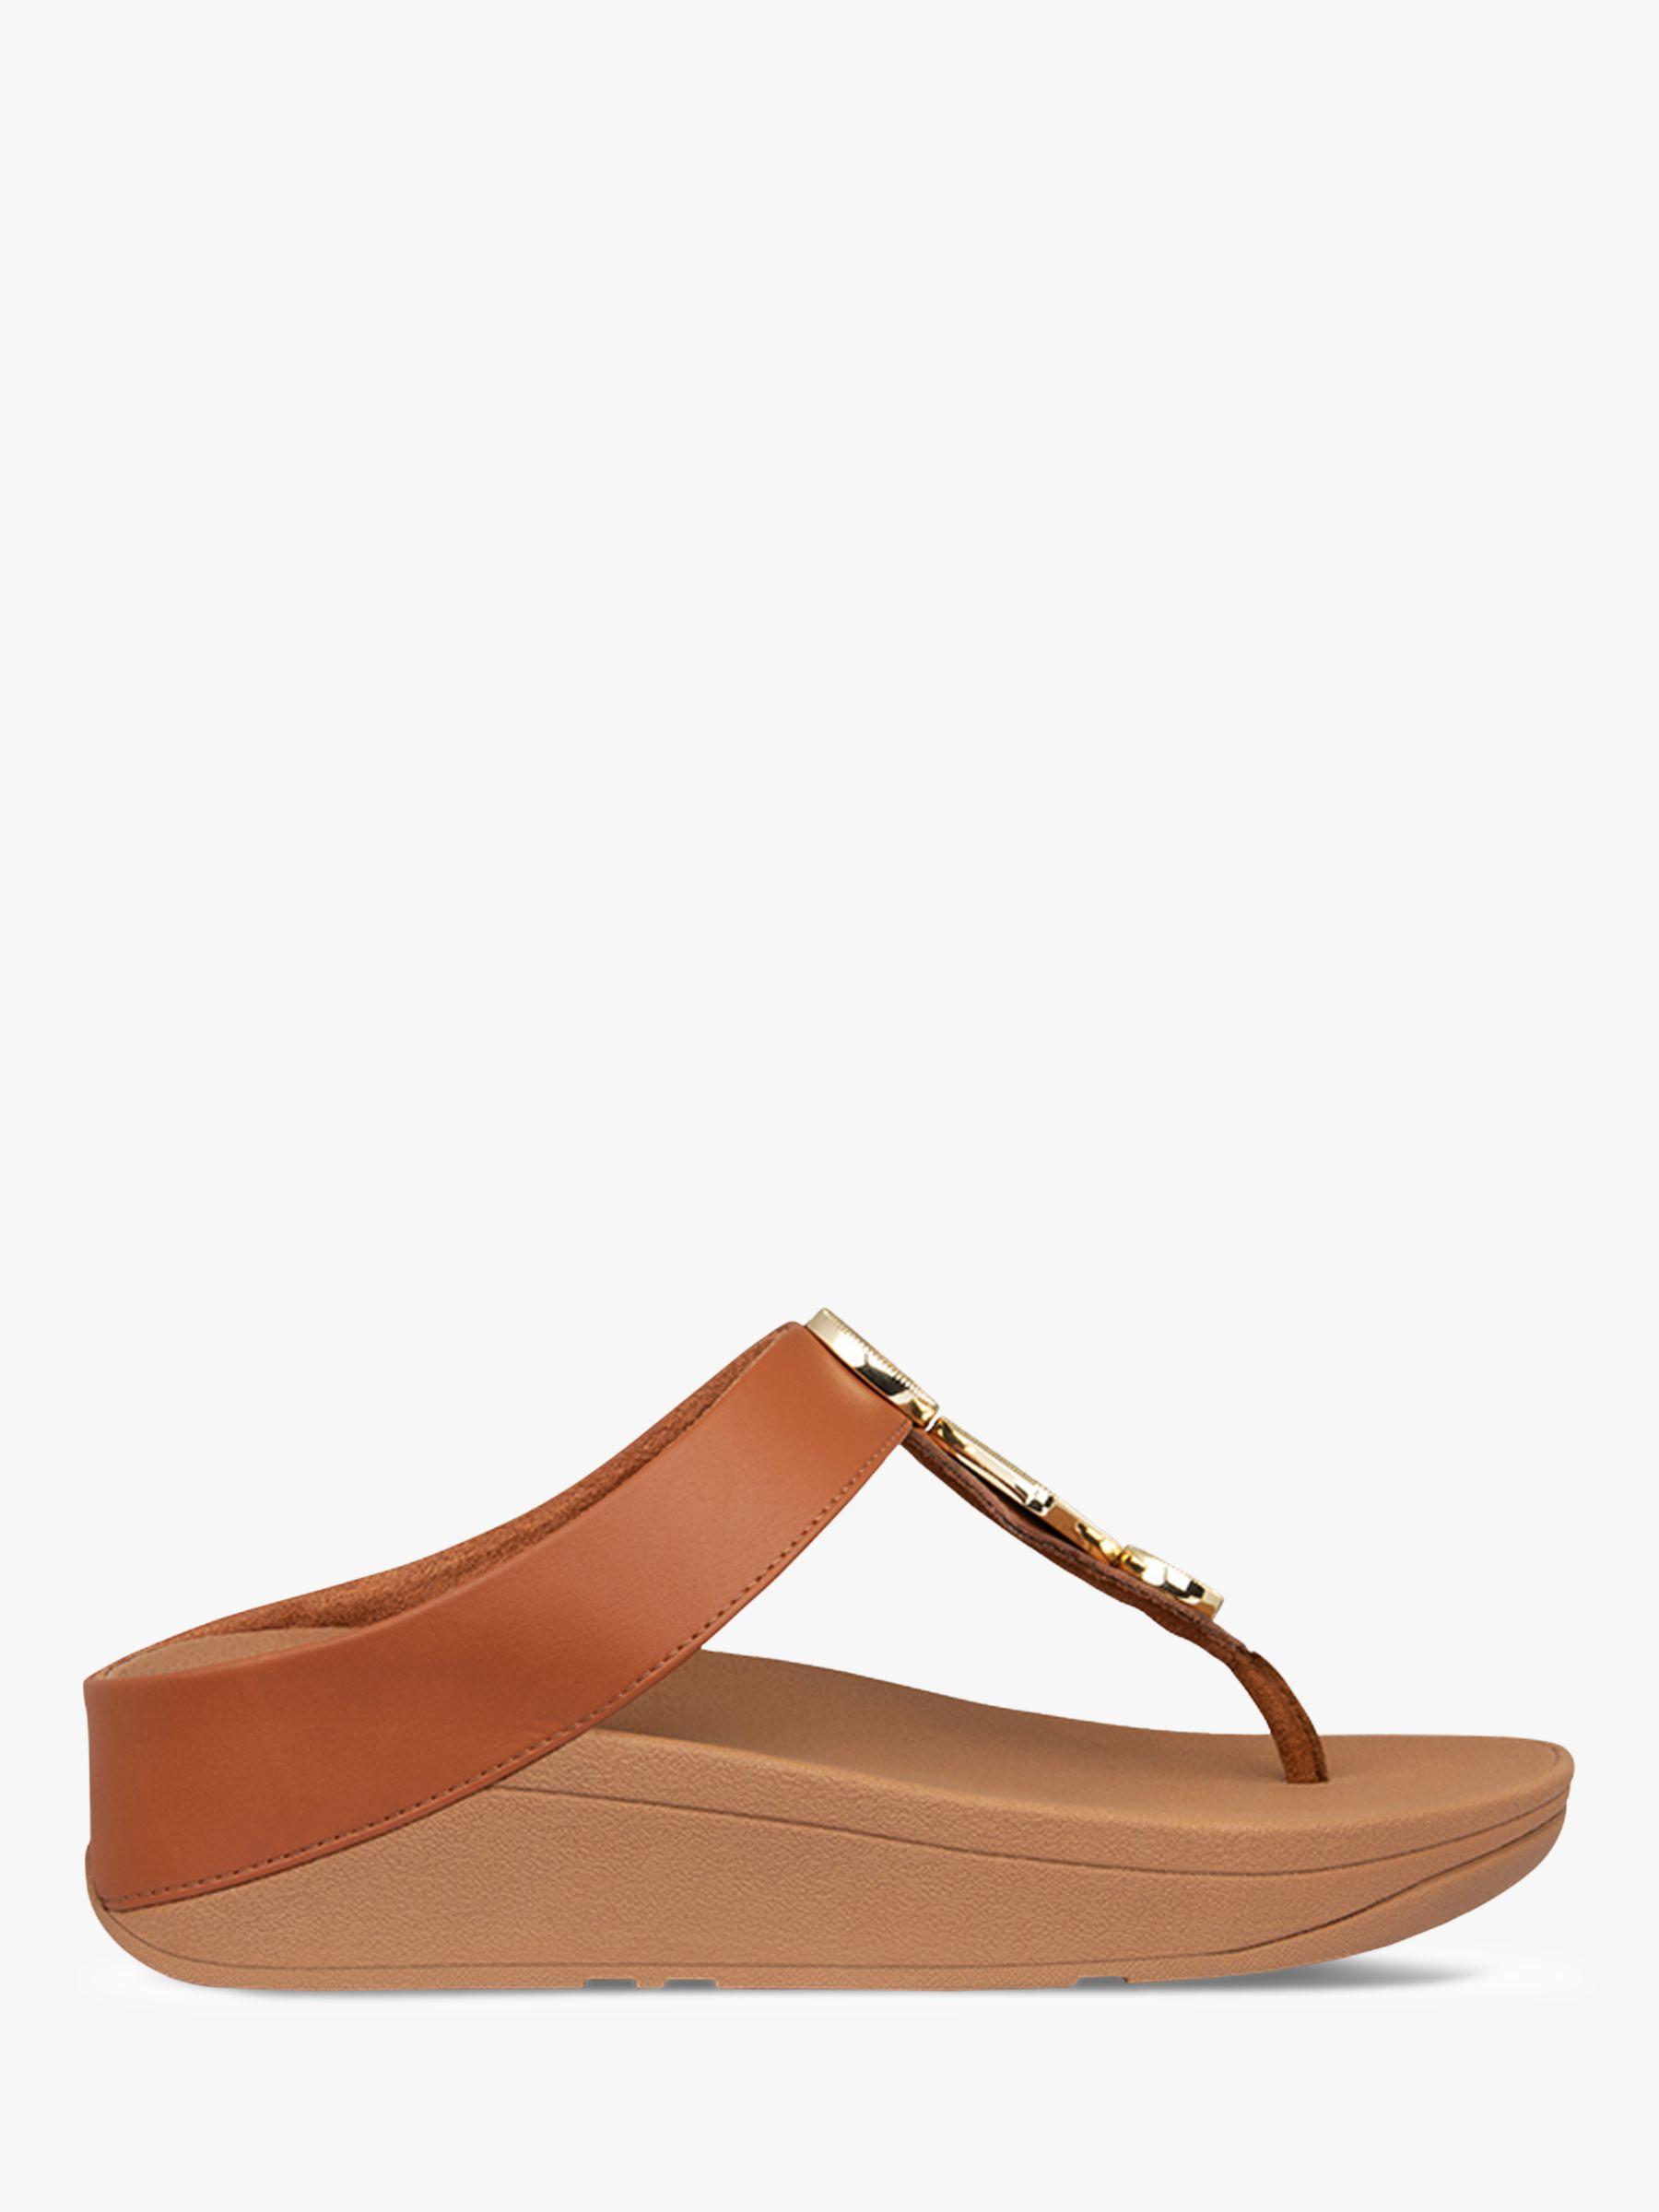 Fitflop FitFlop Leia Embellished Platform Sandals